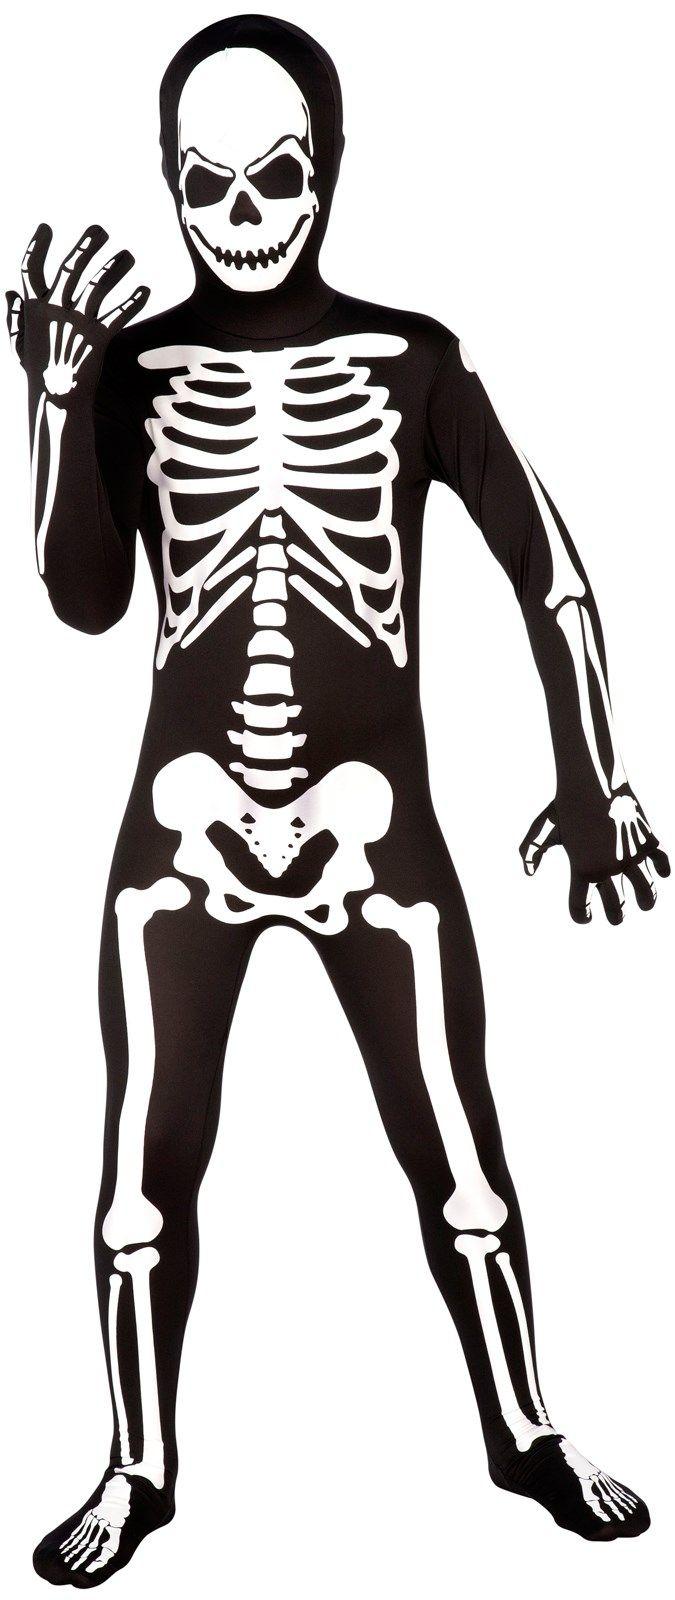 древности скелет шаблон картинка посадить летом, чтобы